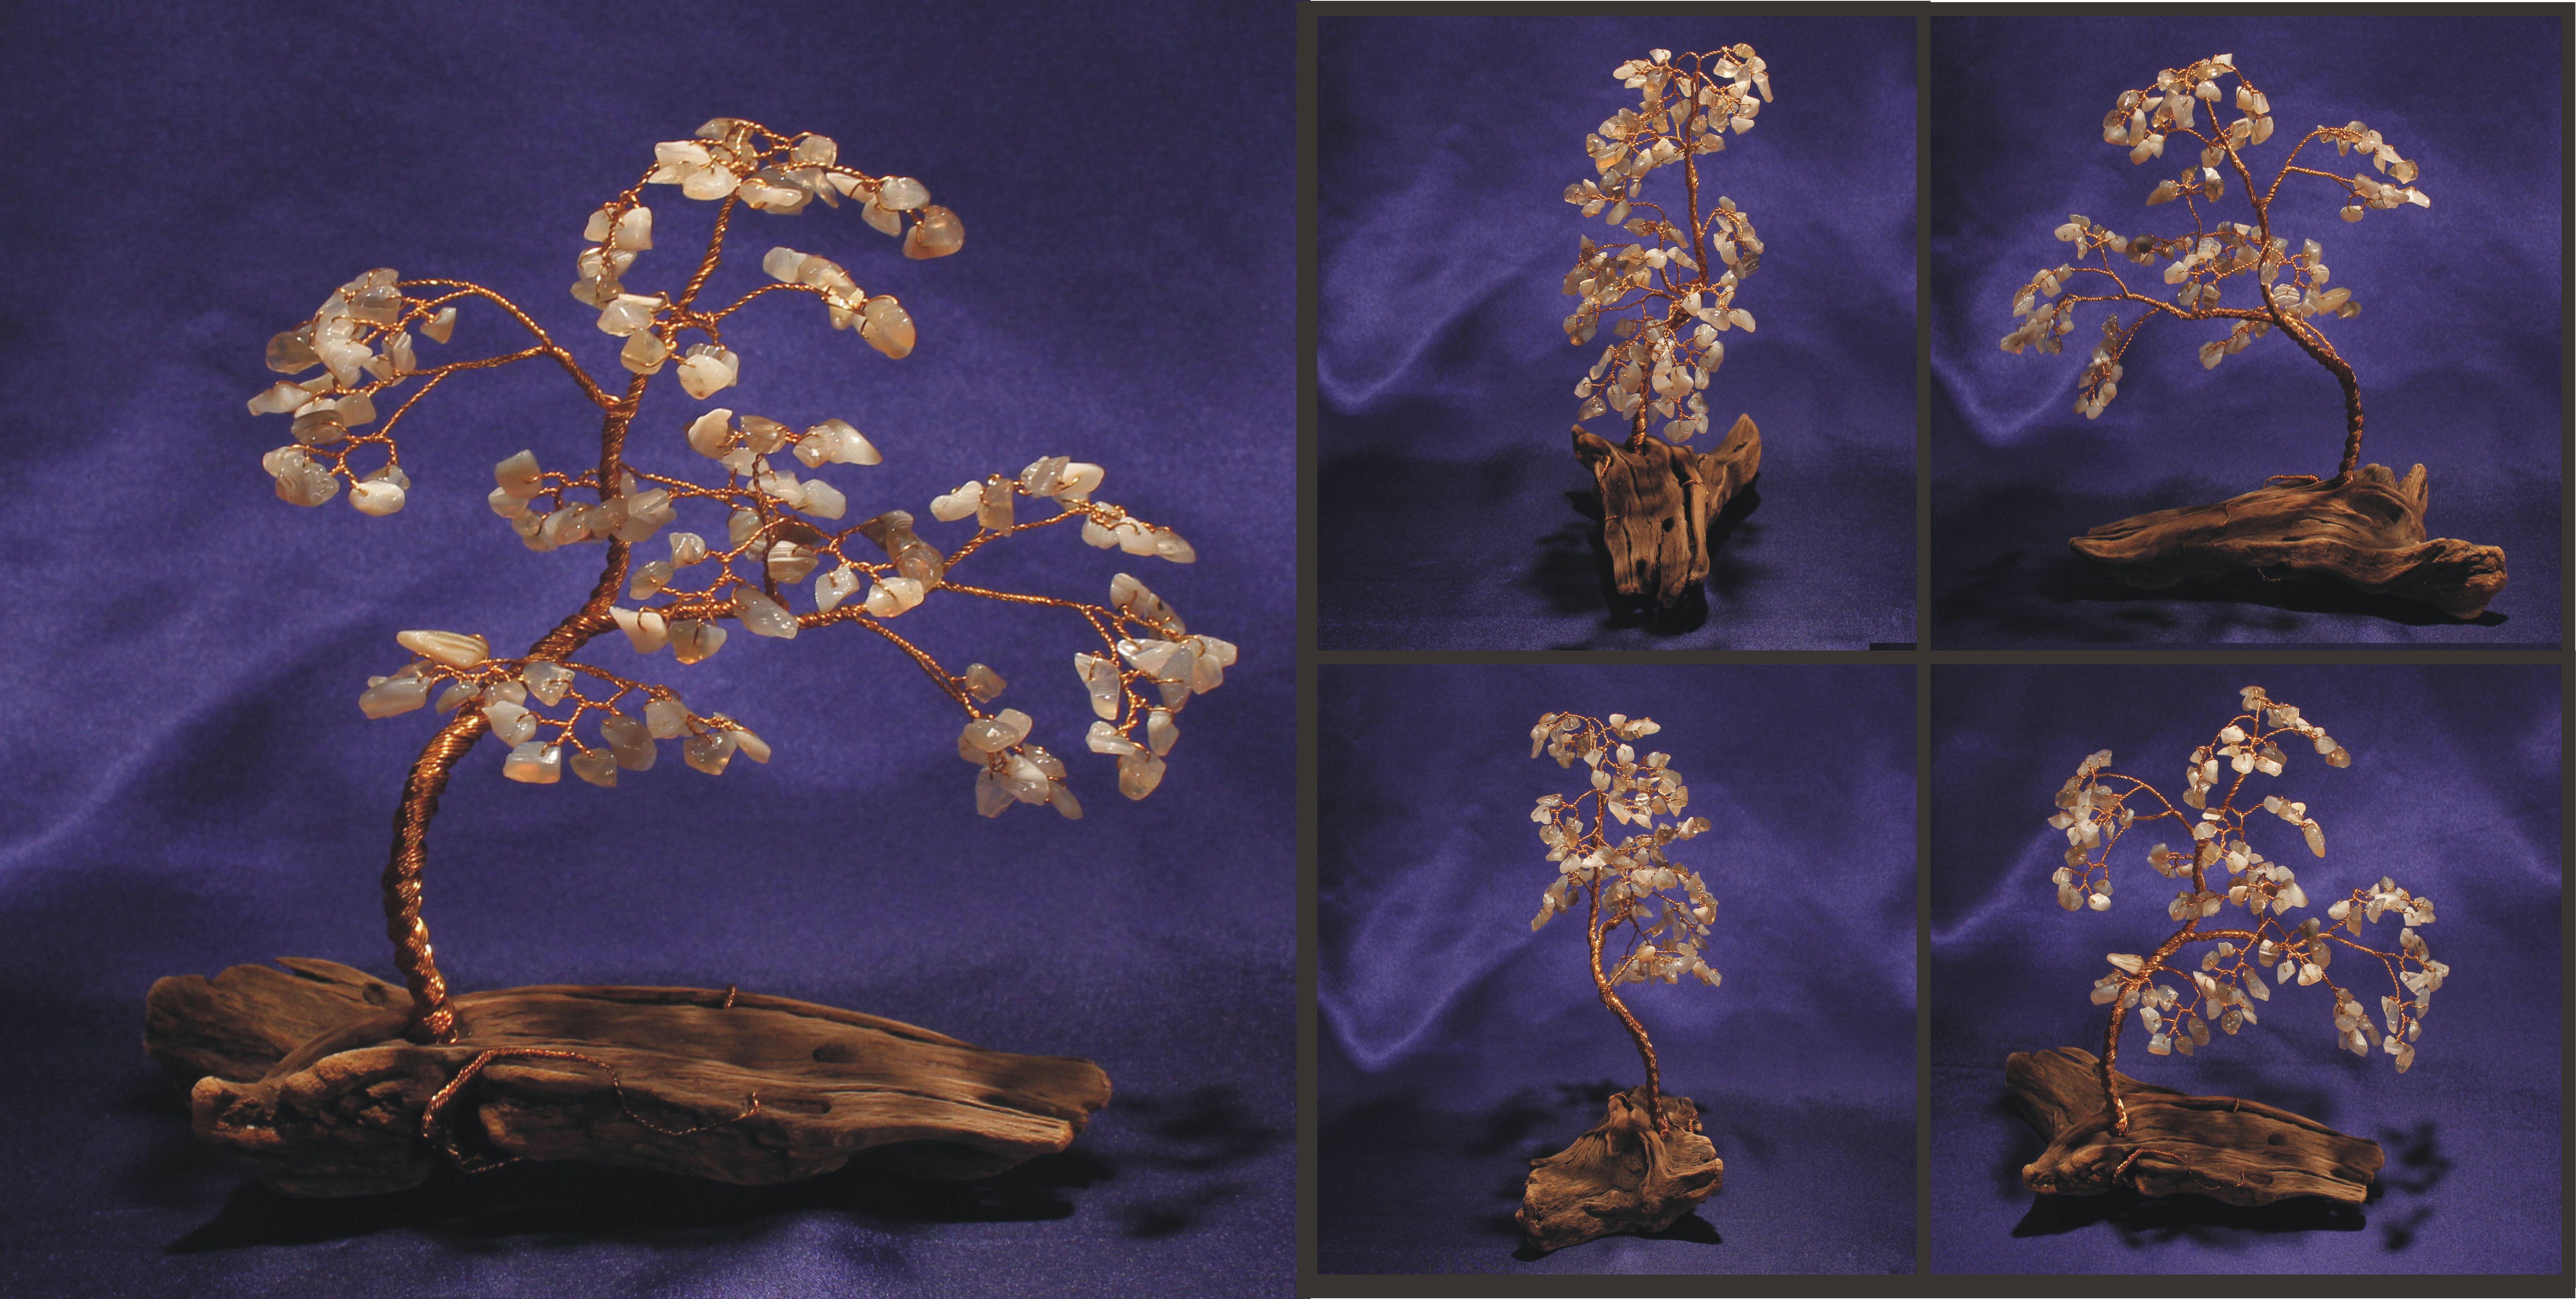 botswana agate on driftwood 1a